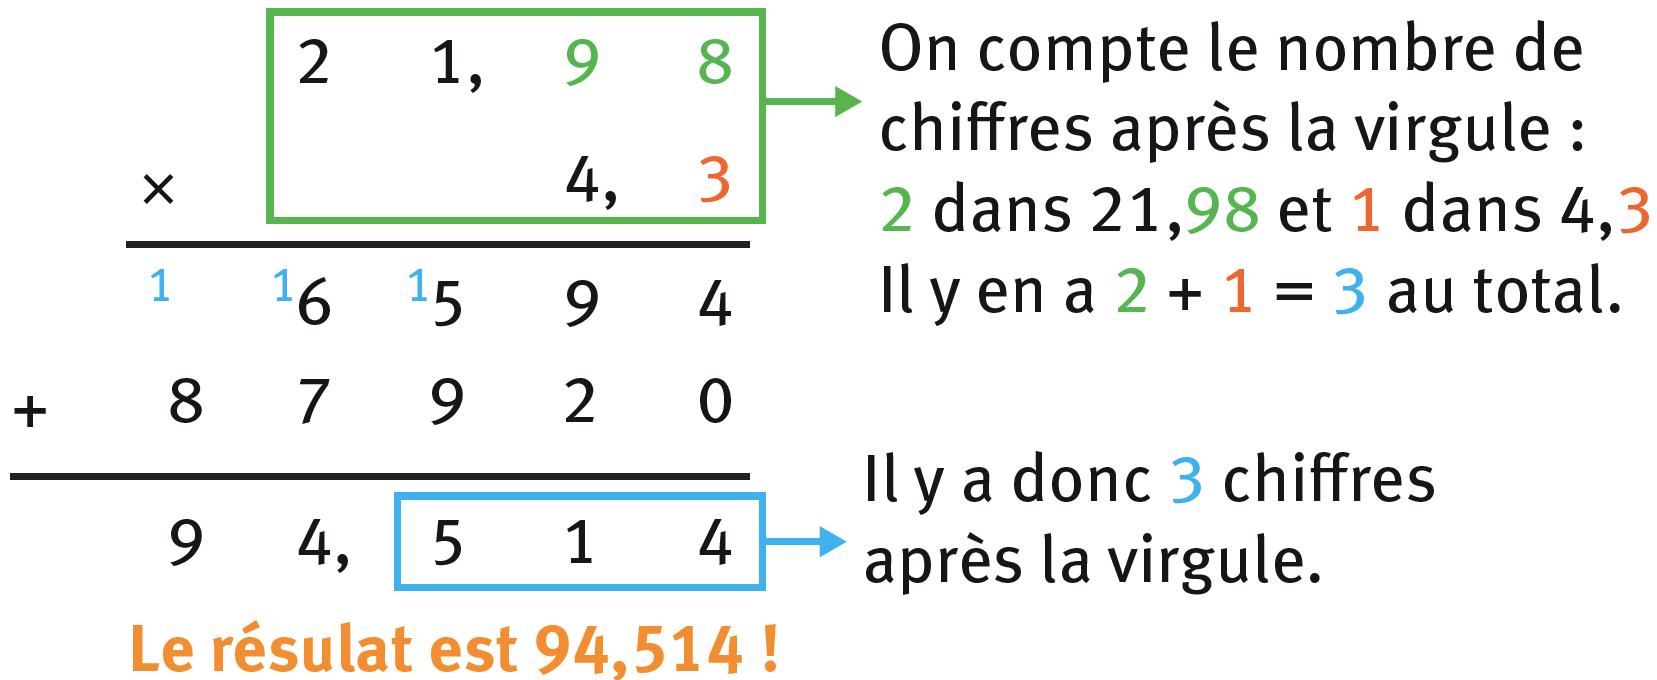 Refaire : Calculer 21,98 × 4,3 en posant l'opération.